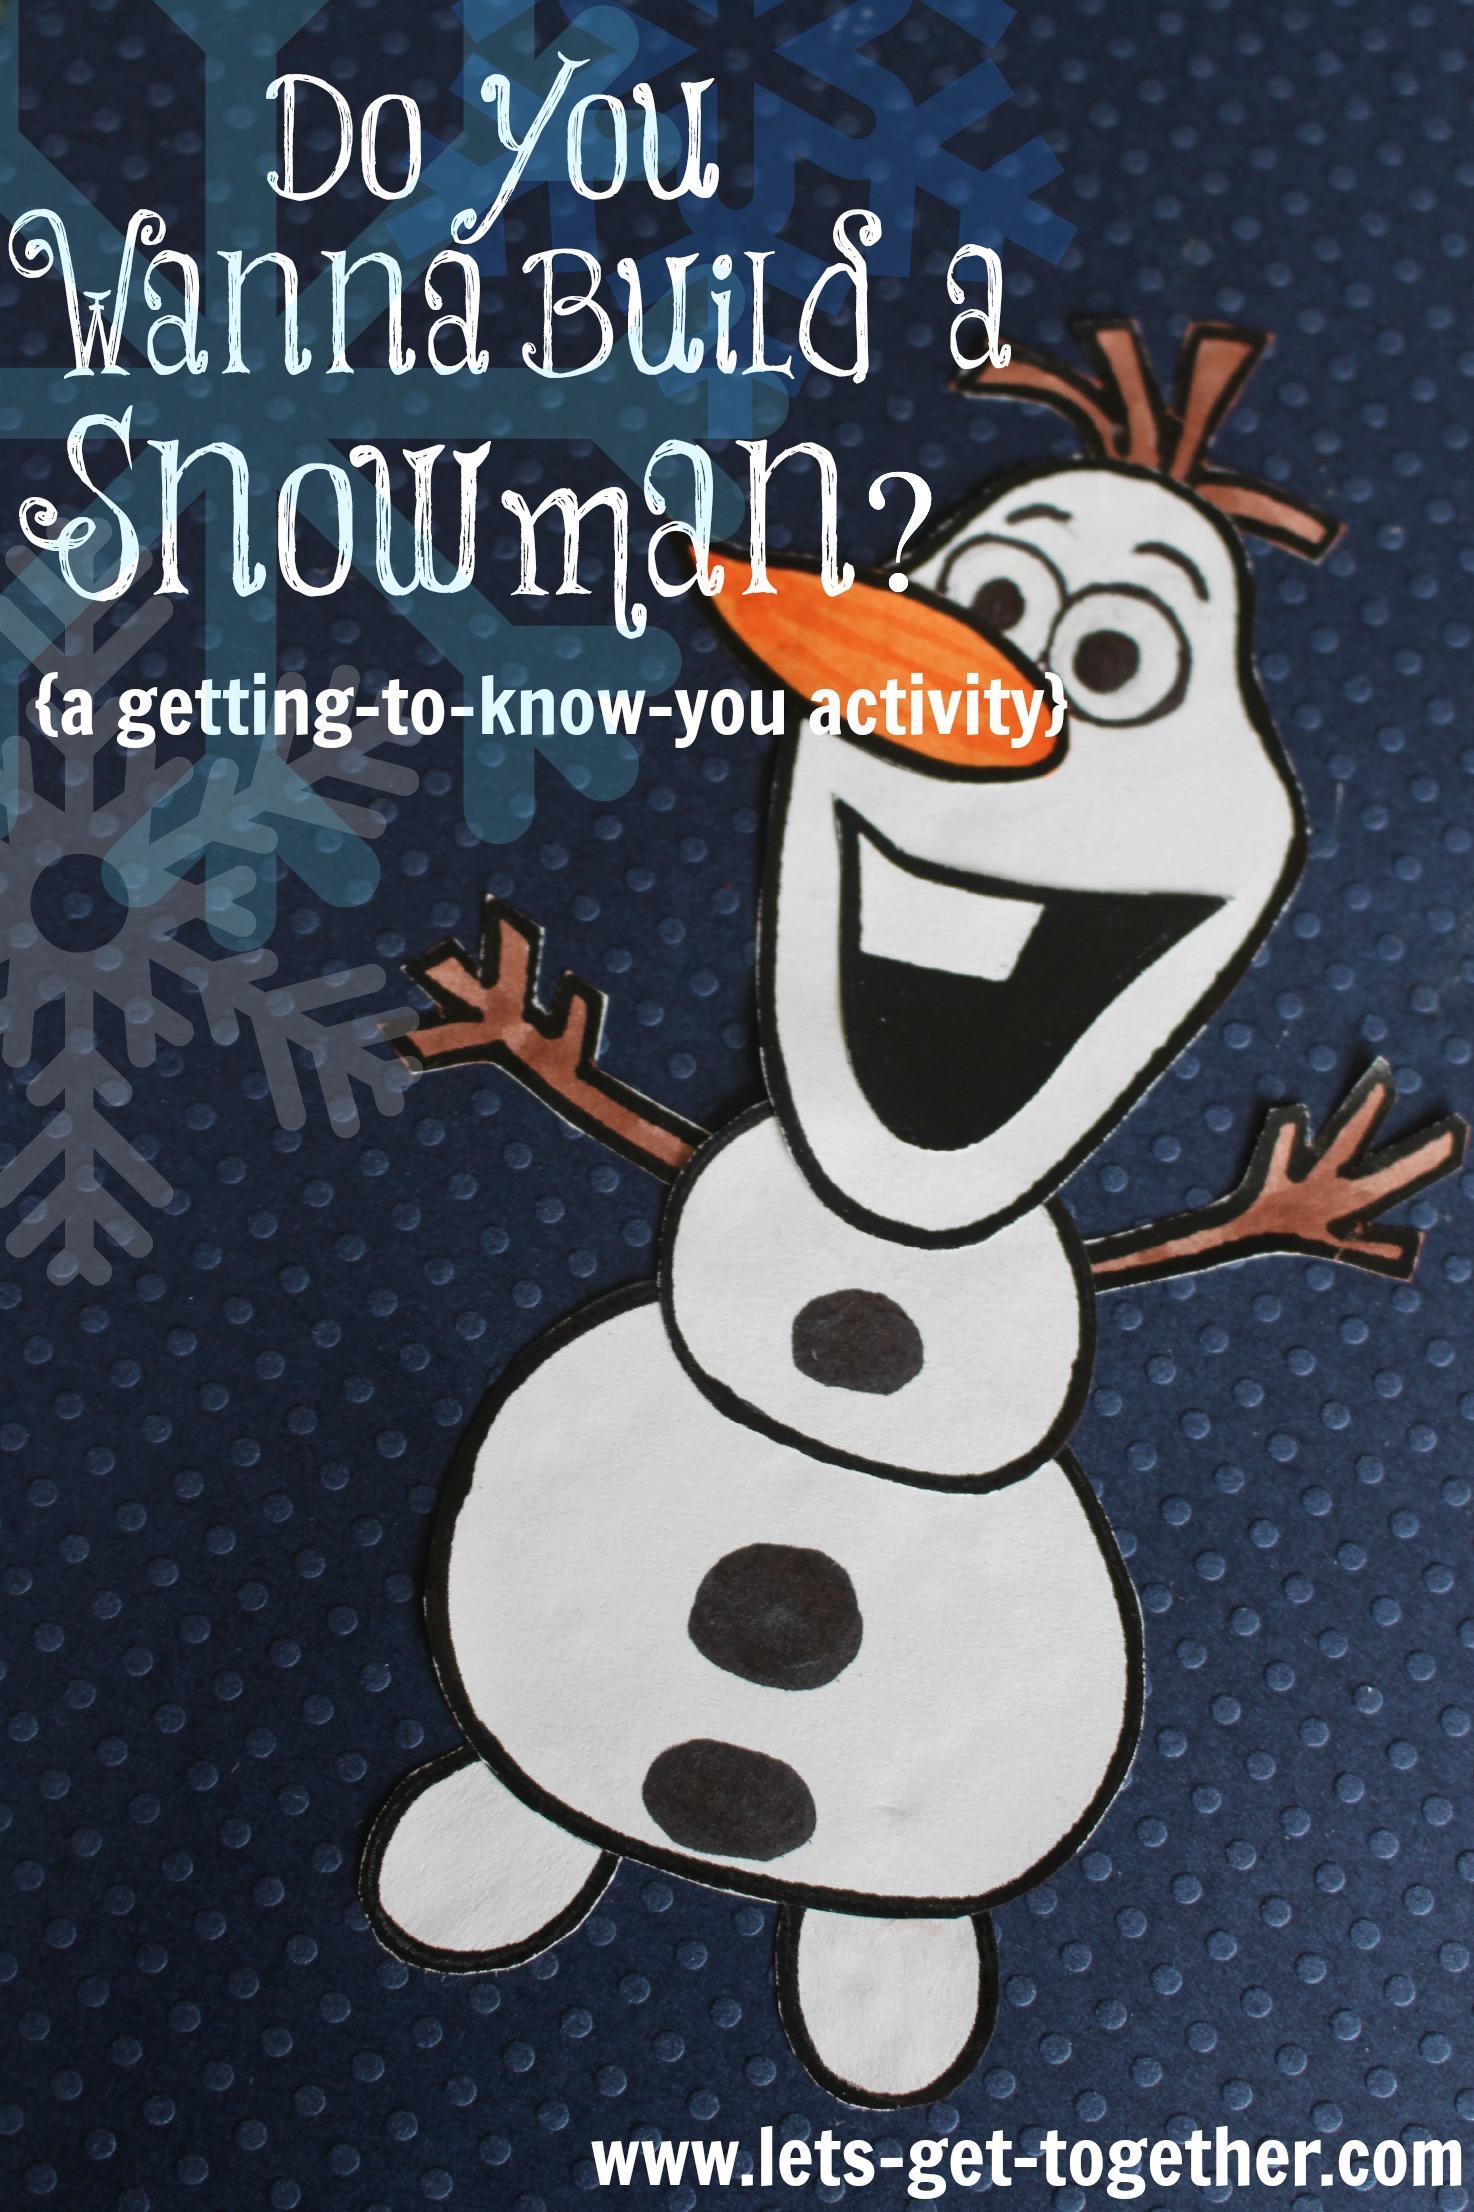 Do You Wanna Build a Snowman?: